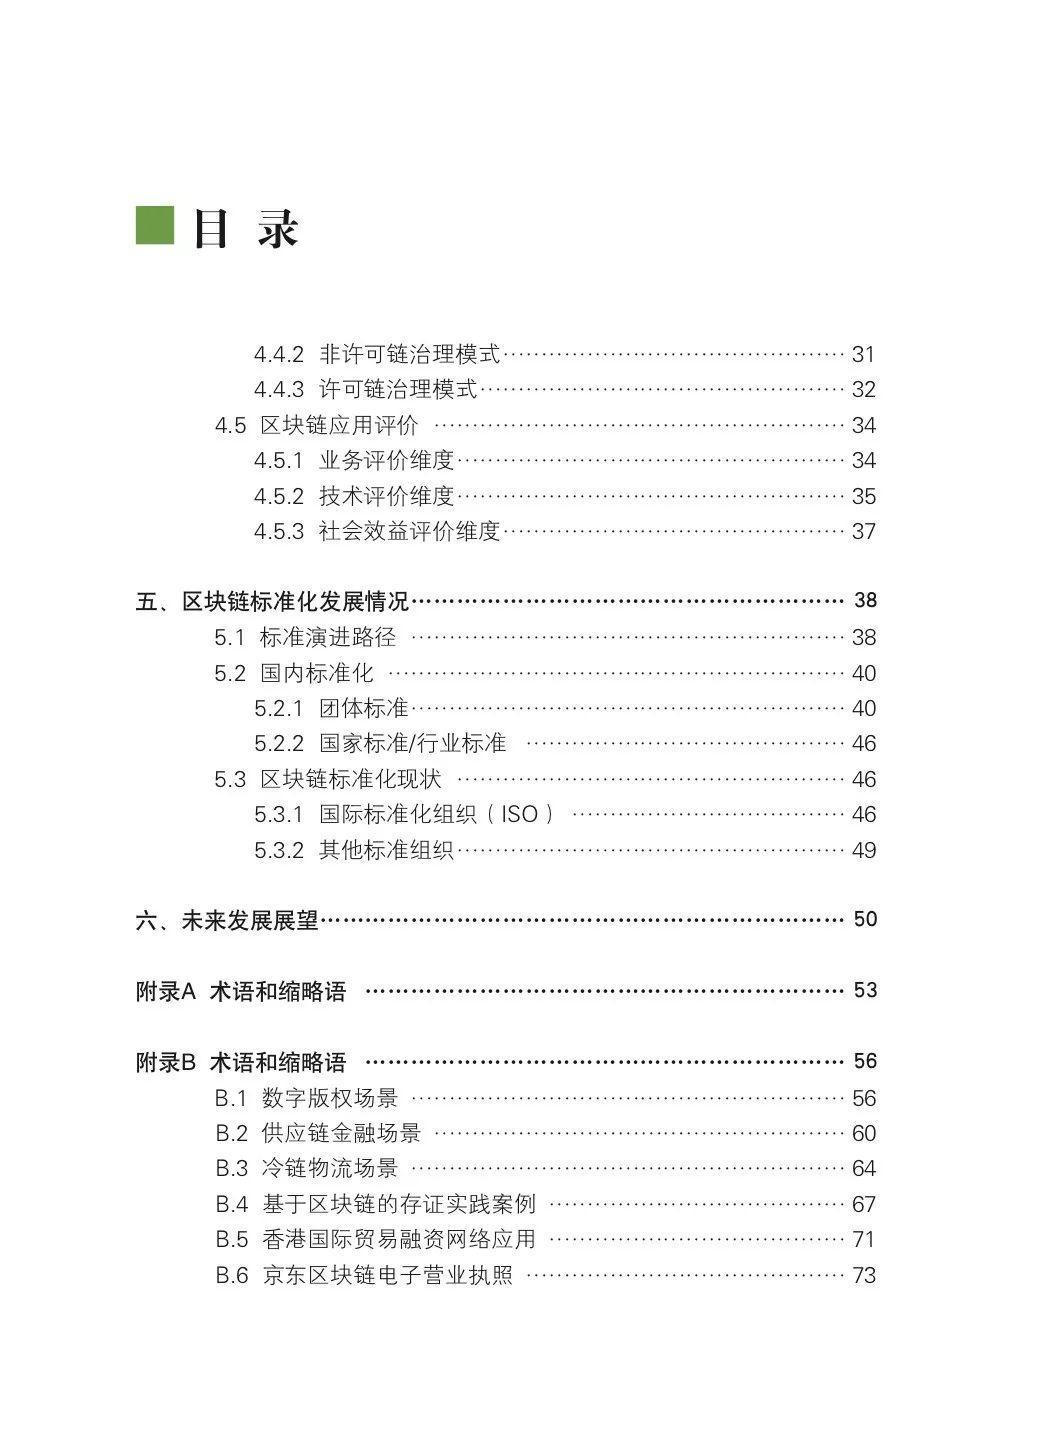 2018中国区块链技术和应用发展研究报告(98页)